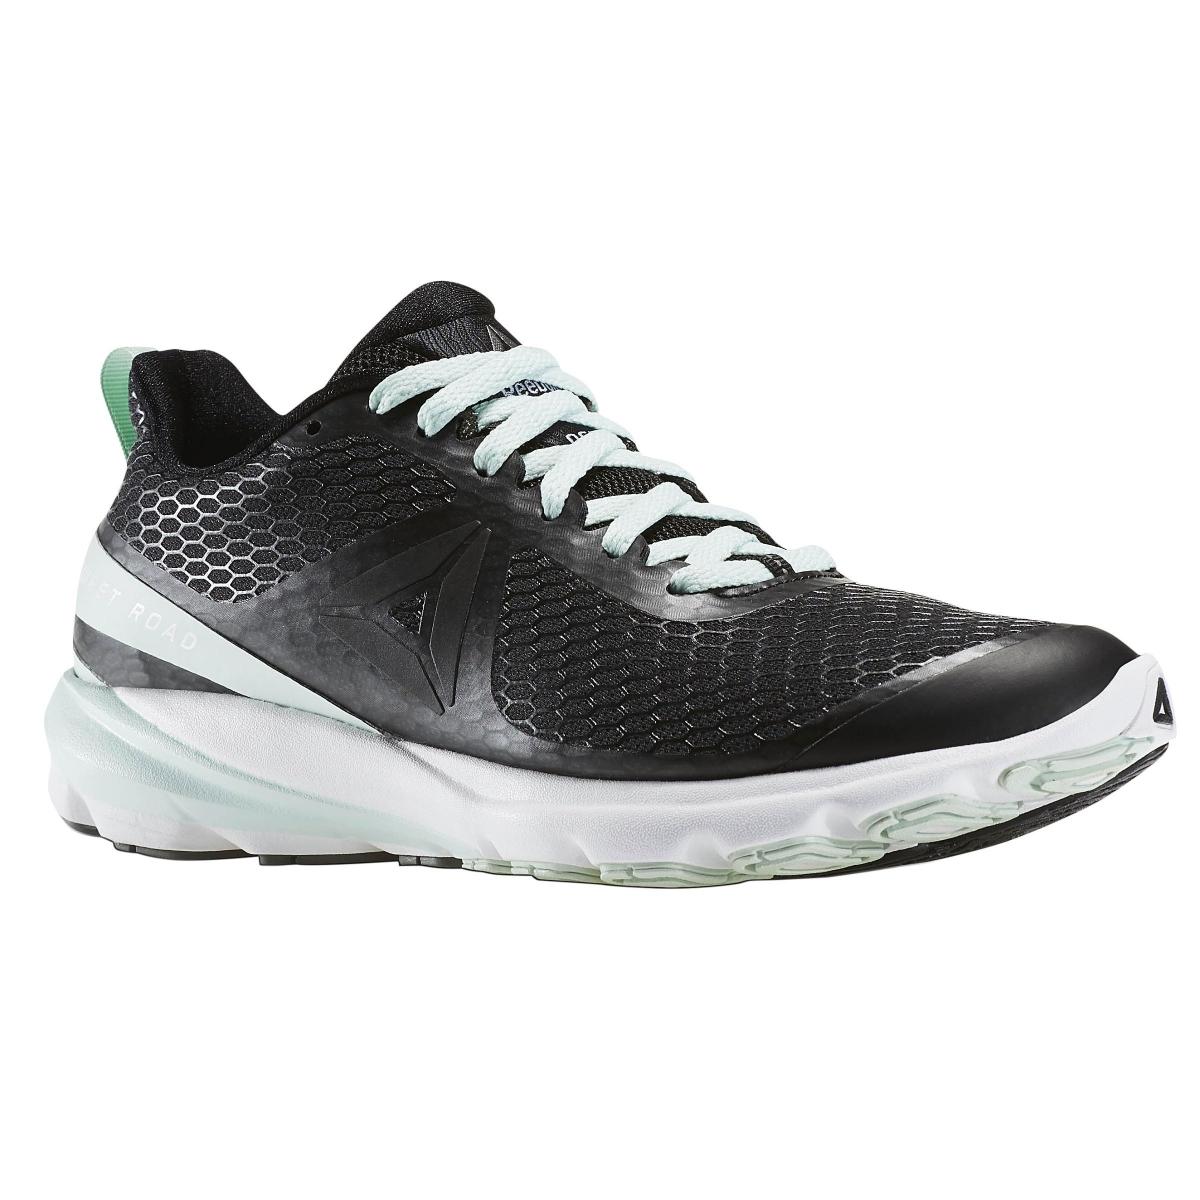 Reebok Hexride  Yao Ming  SneakerNewscom